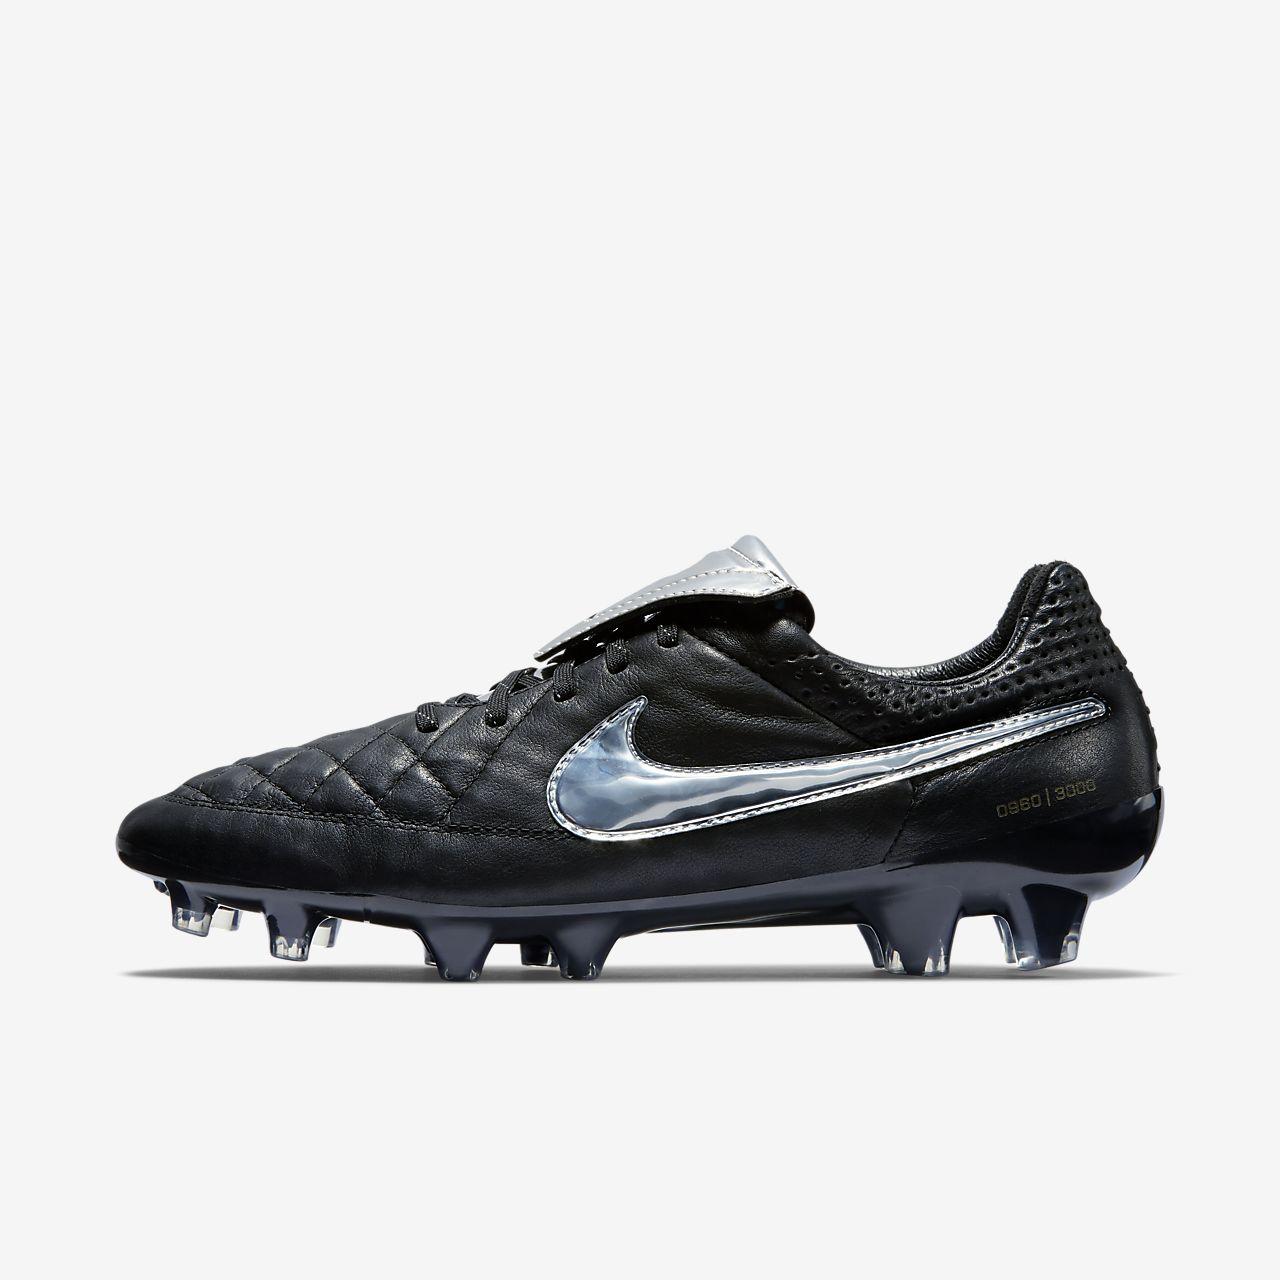 Nike Tiempo Legend V Premium 男子天然硬质草地足球鞋